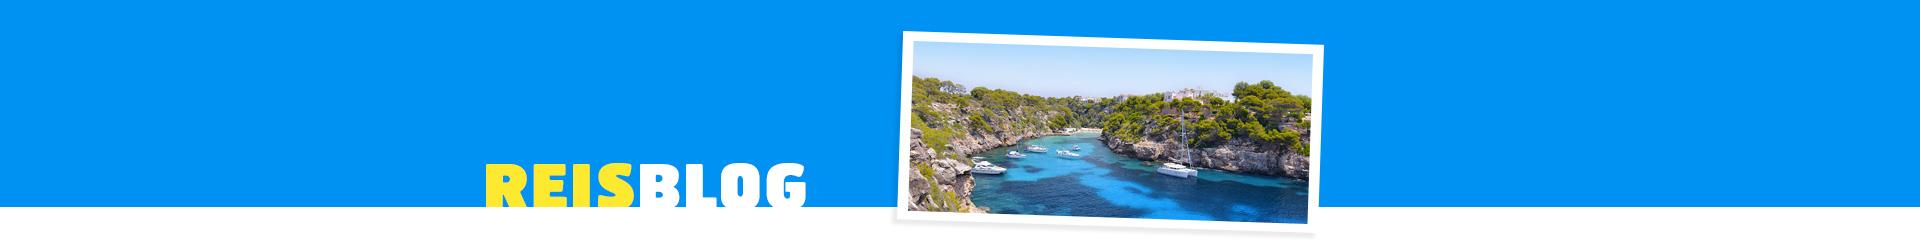 Blog mooiste plekken op Mallorca, Cala Pi